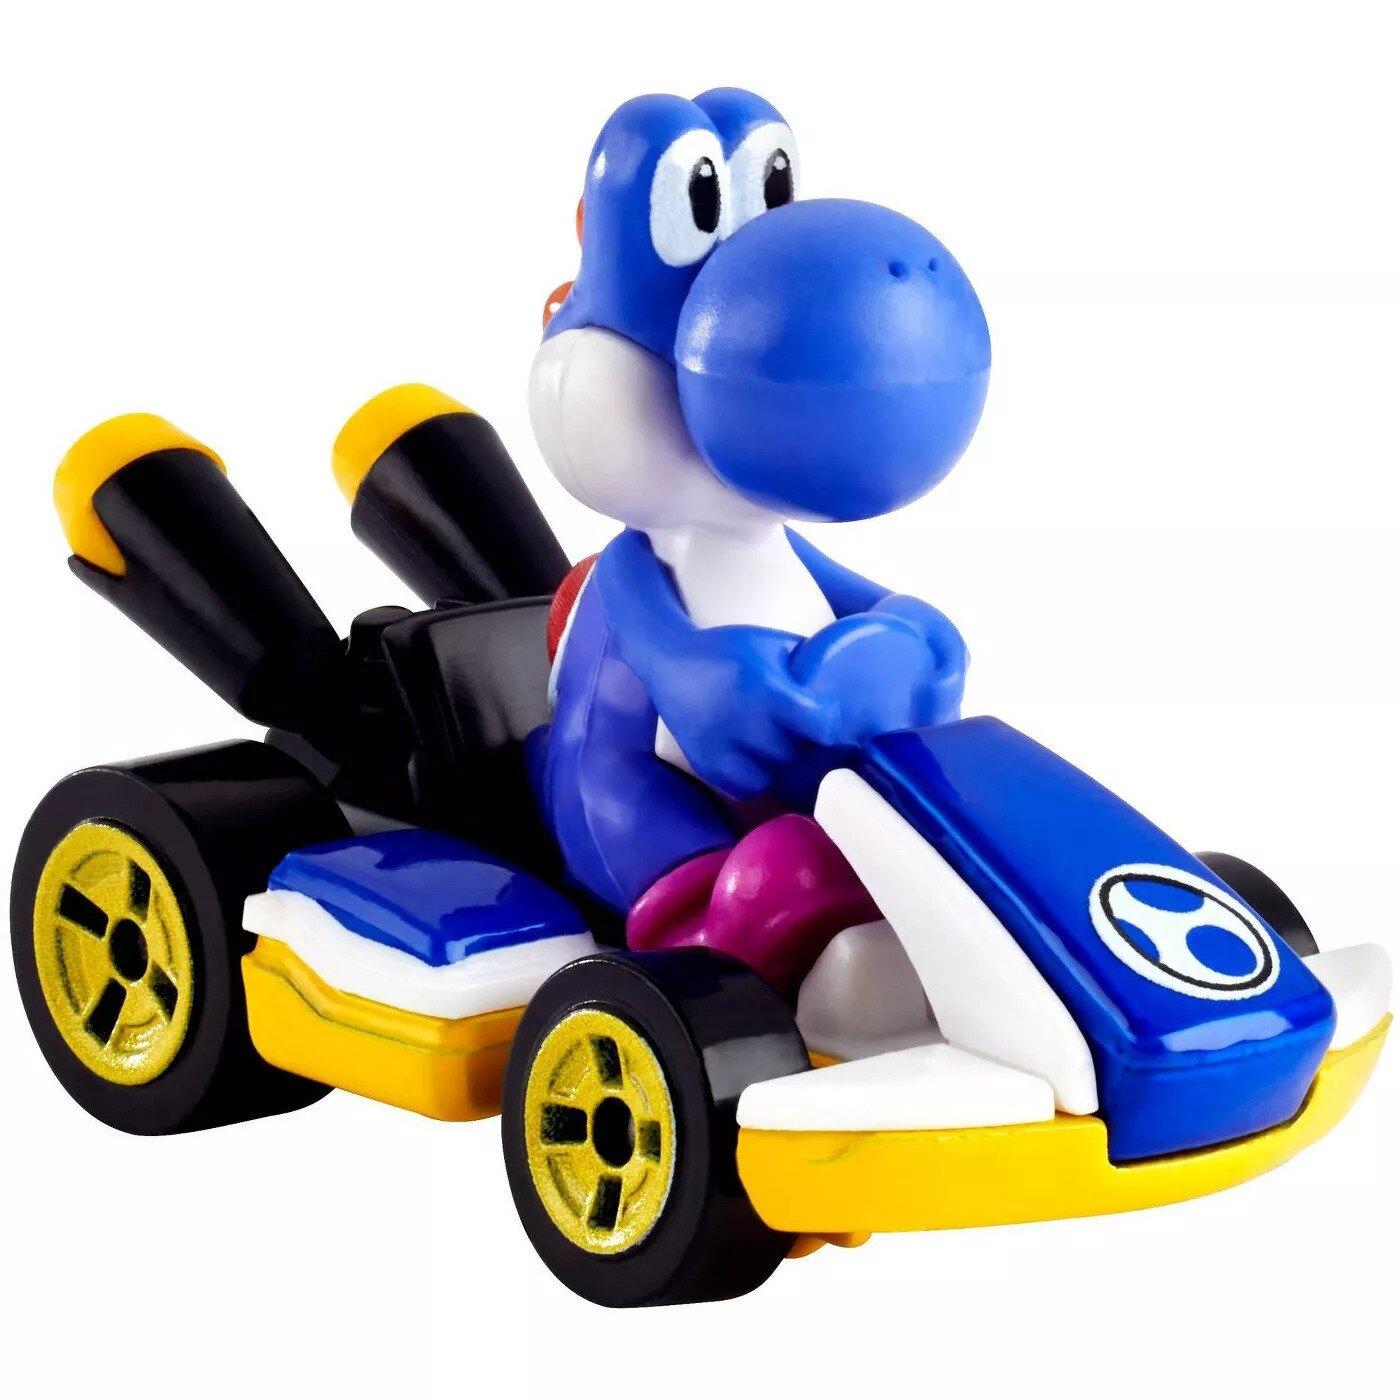 免運《風火輪Hot Wheels》 風火輪Mario Kart庫巴城堡系列軌道組 東喬精品百貨